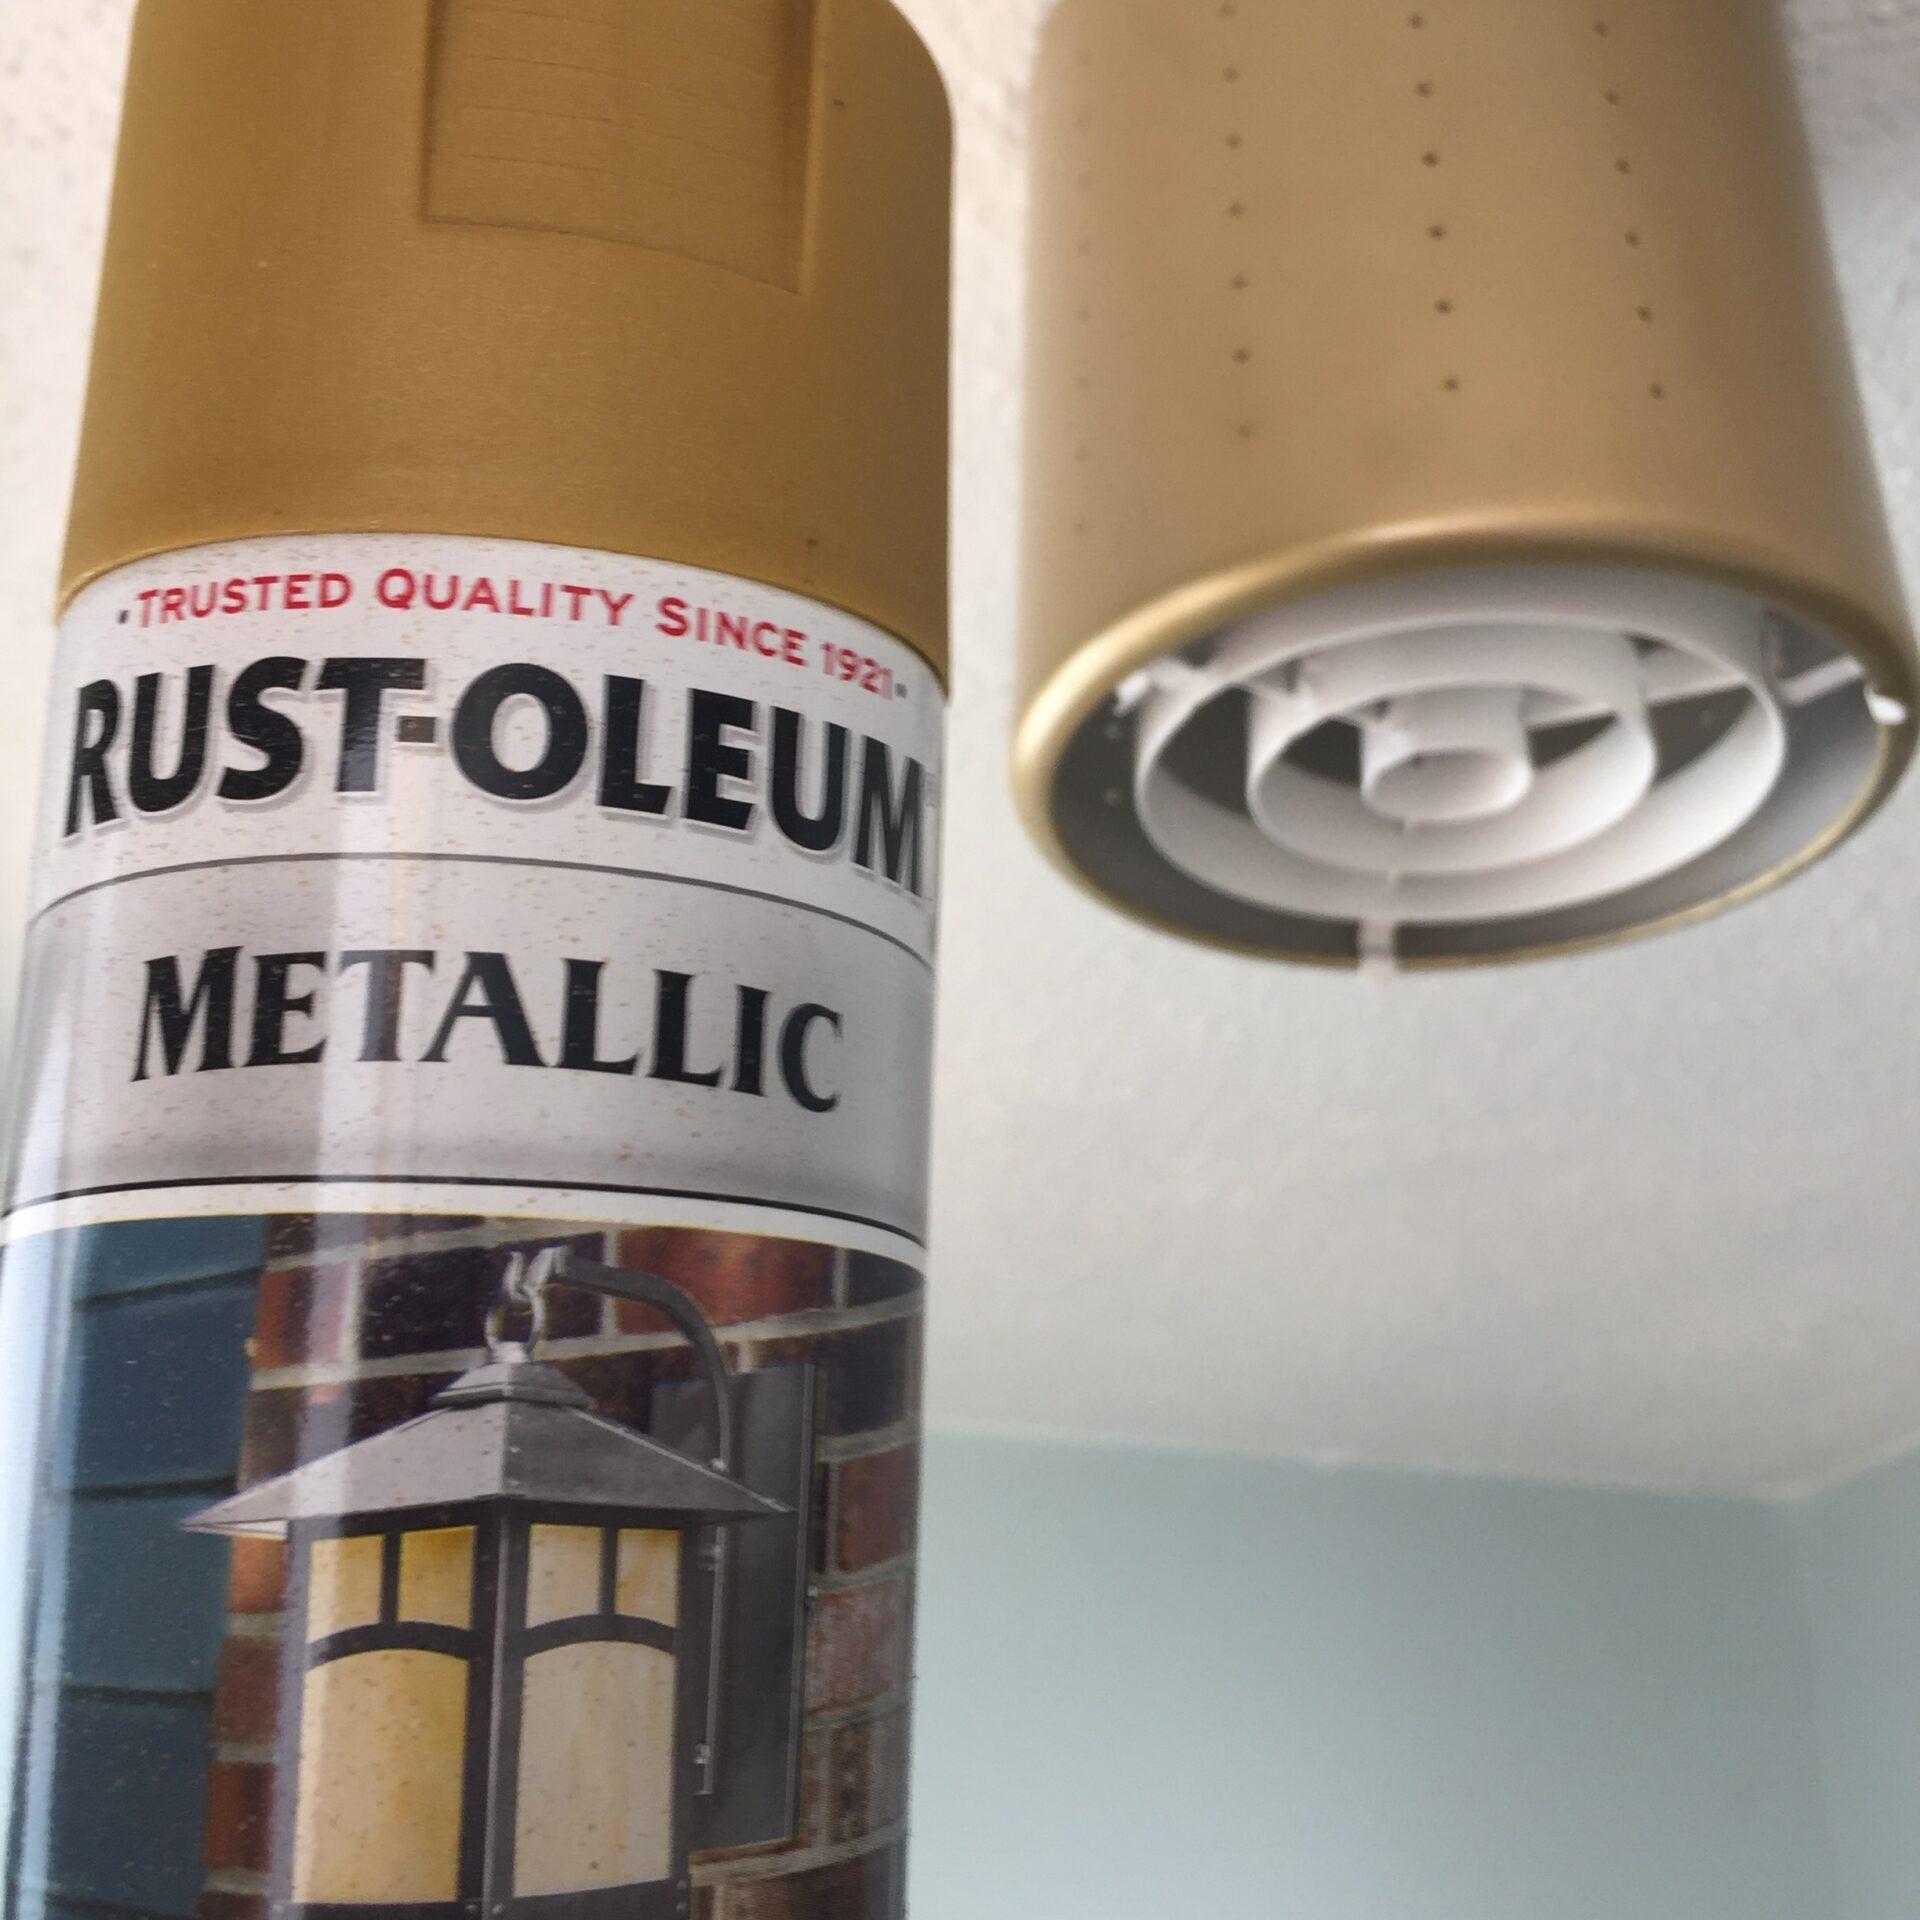 Rust-oleum repaint